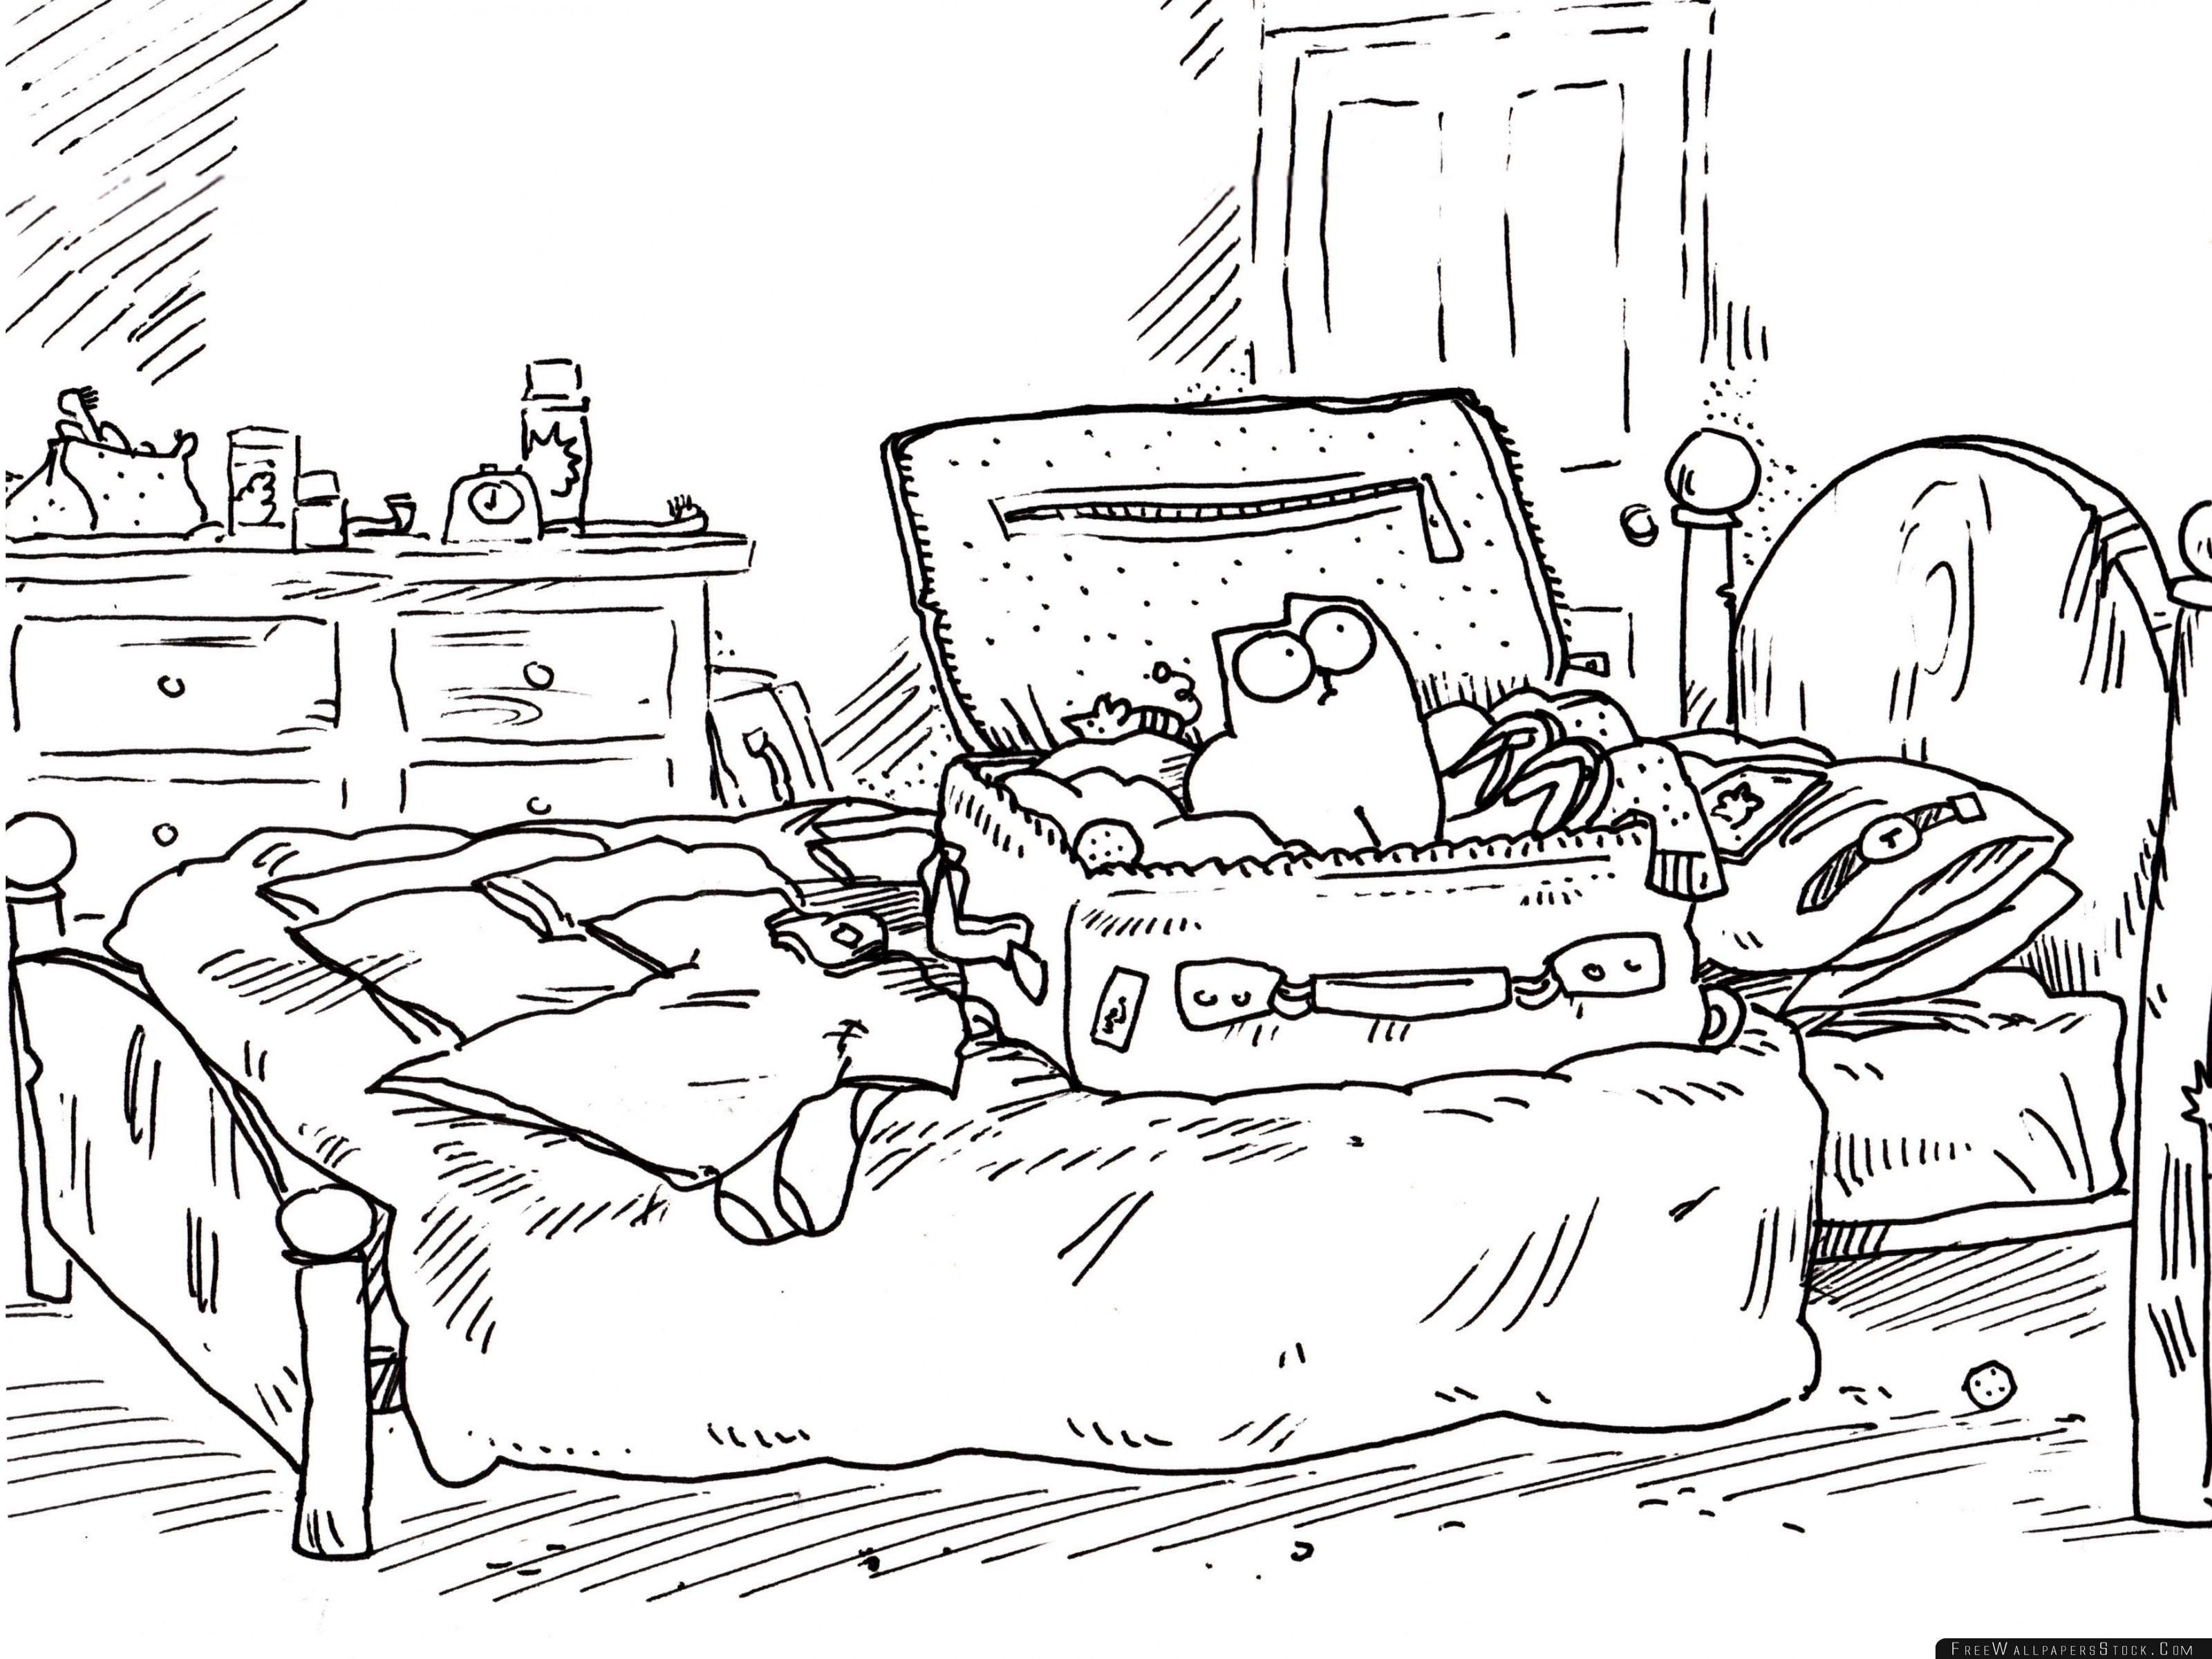 Download Free Wallpaper Simons Cat